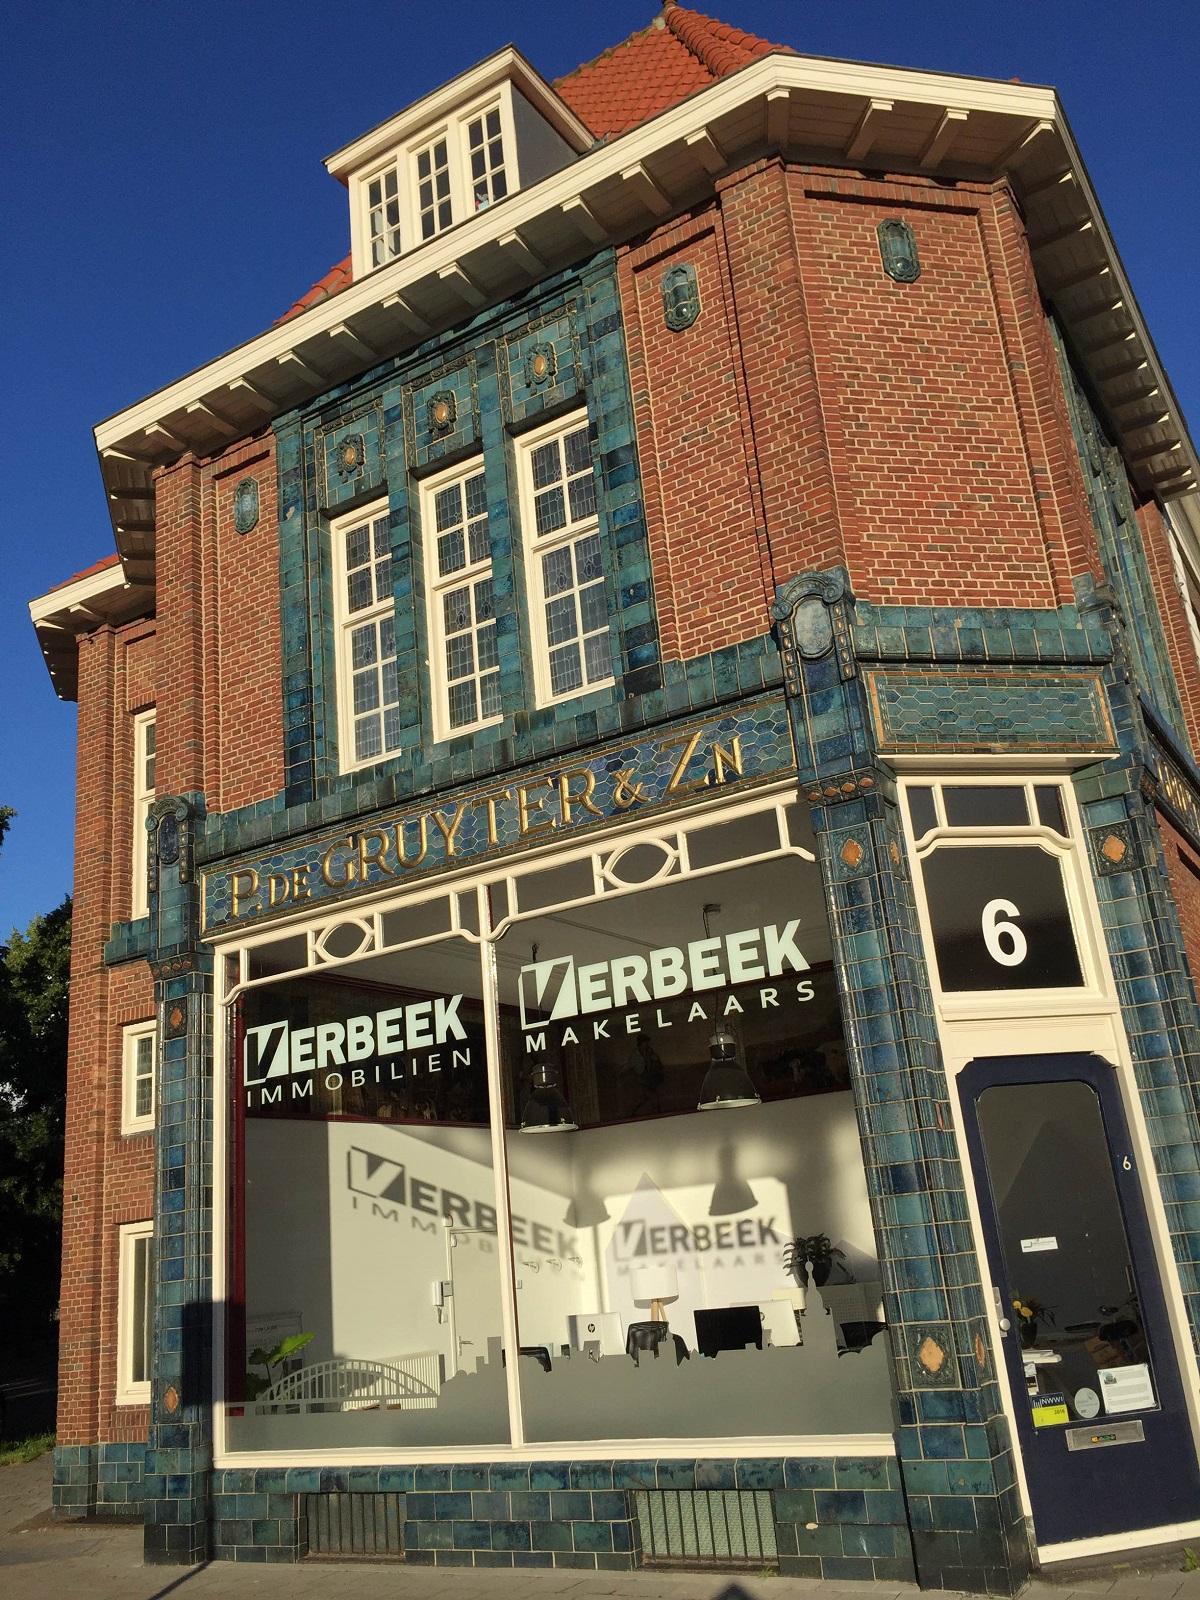 Verbeek Makelaars